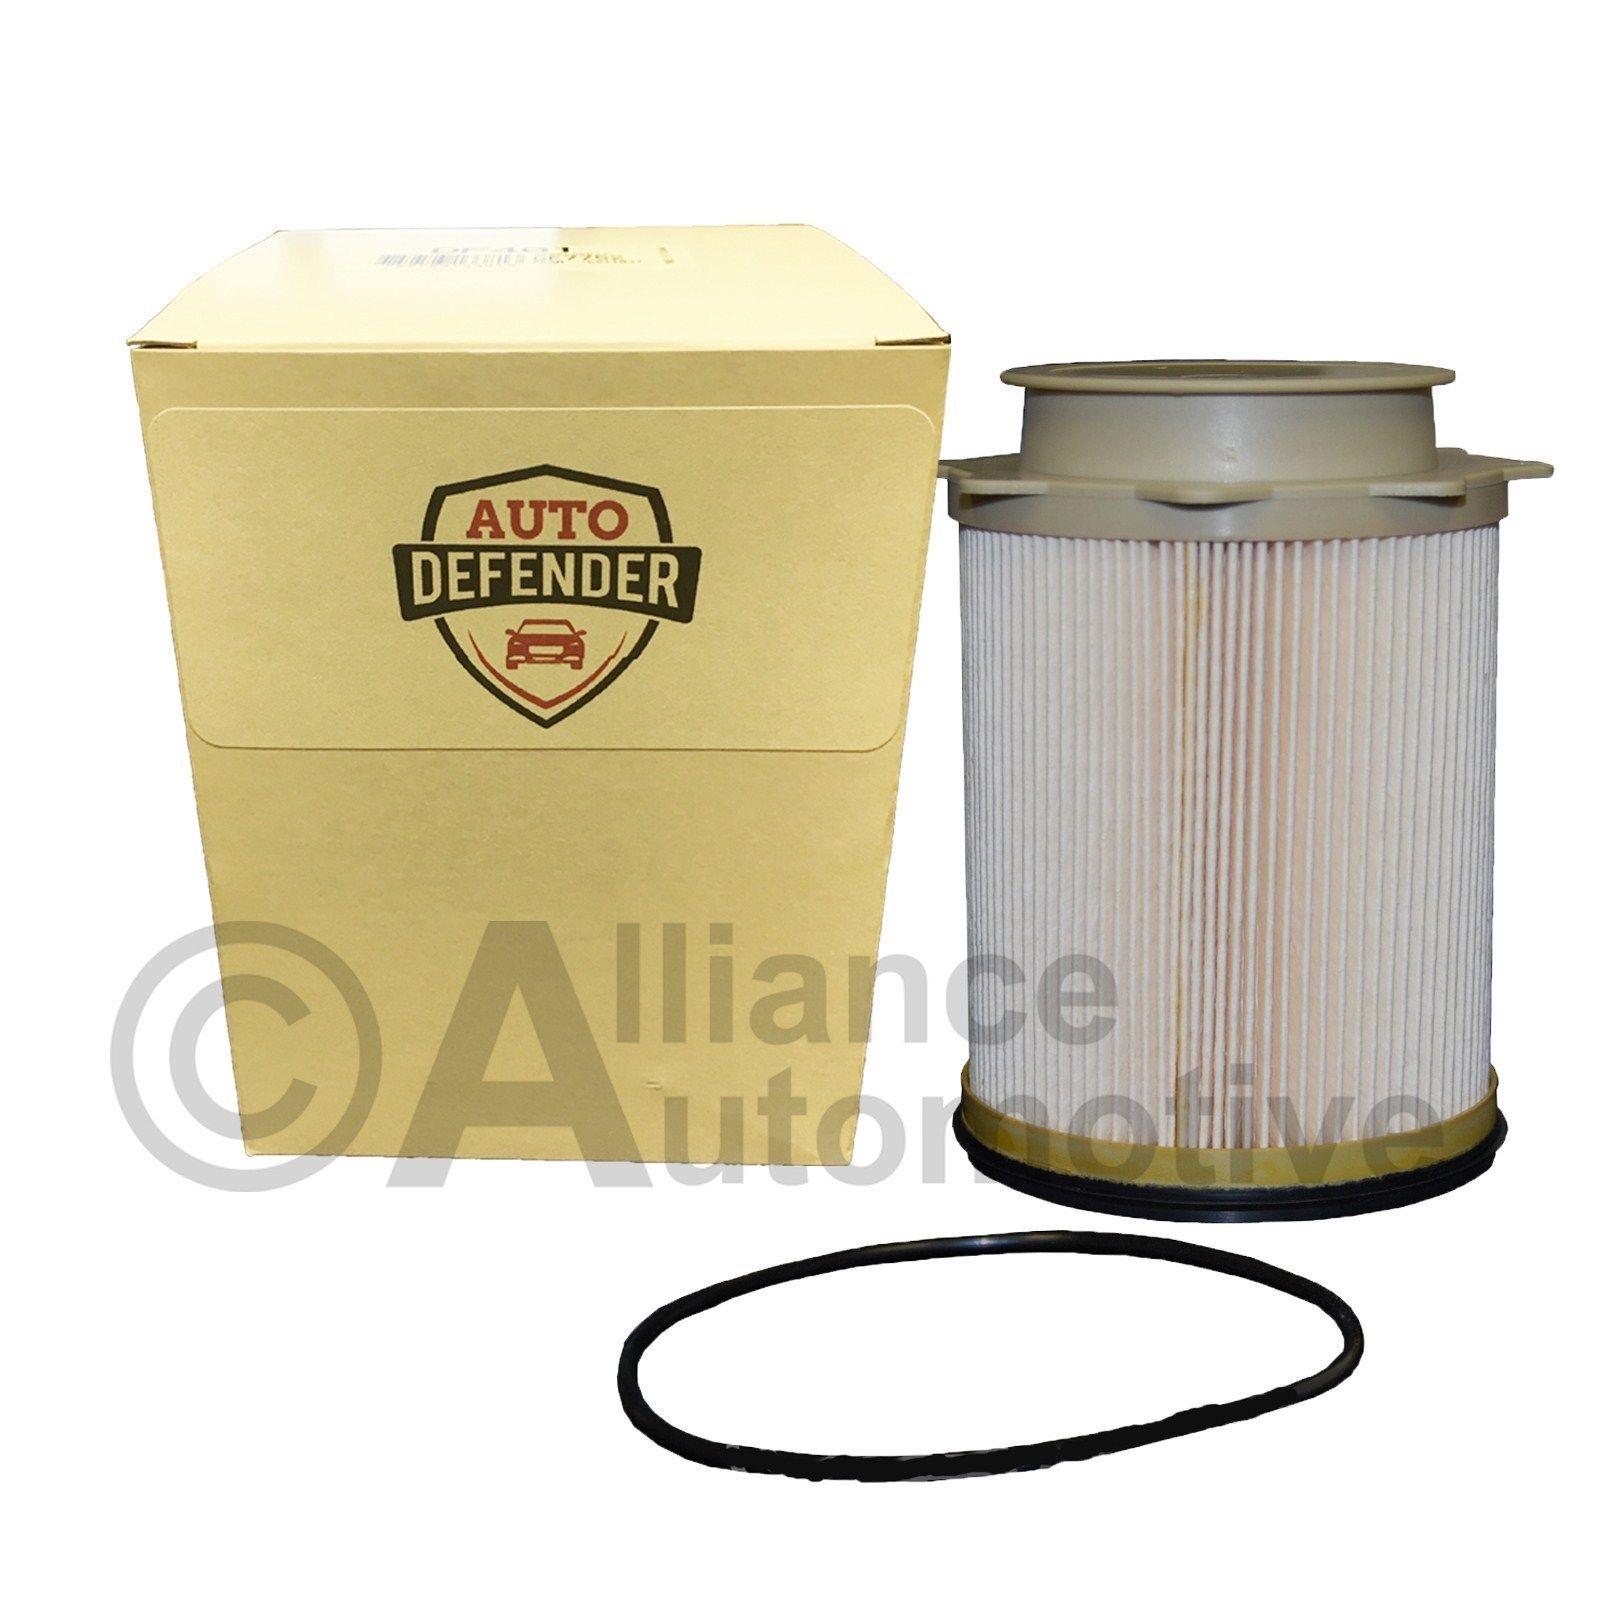 medium resolution of 1 diesel fuel filter fits 10 16 dodge ram cummins 6 7l turbo front cummins turbo front dodge fits fuel filter diesel